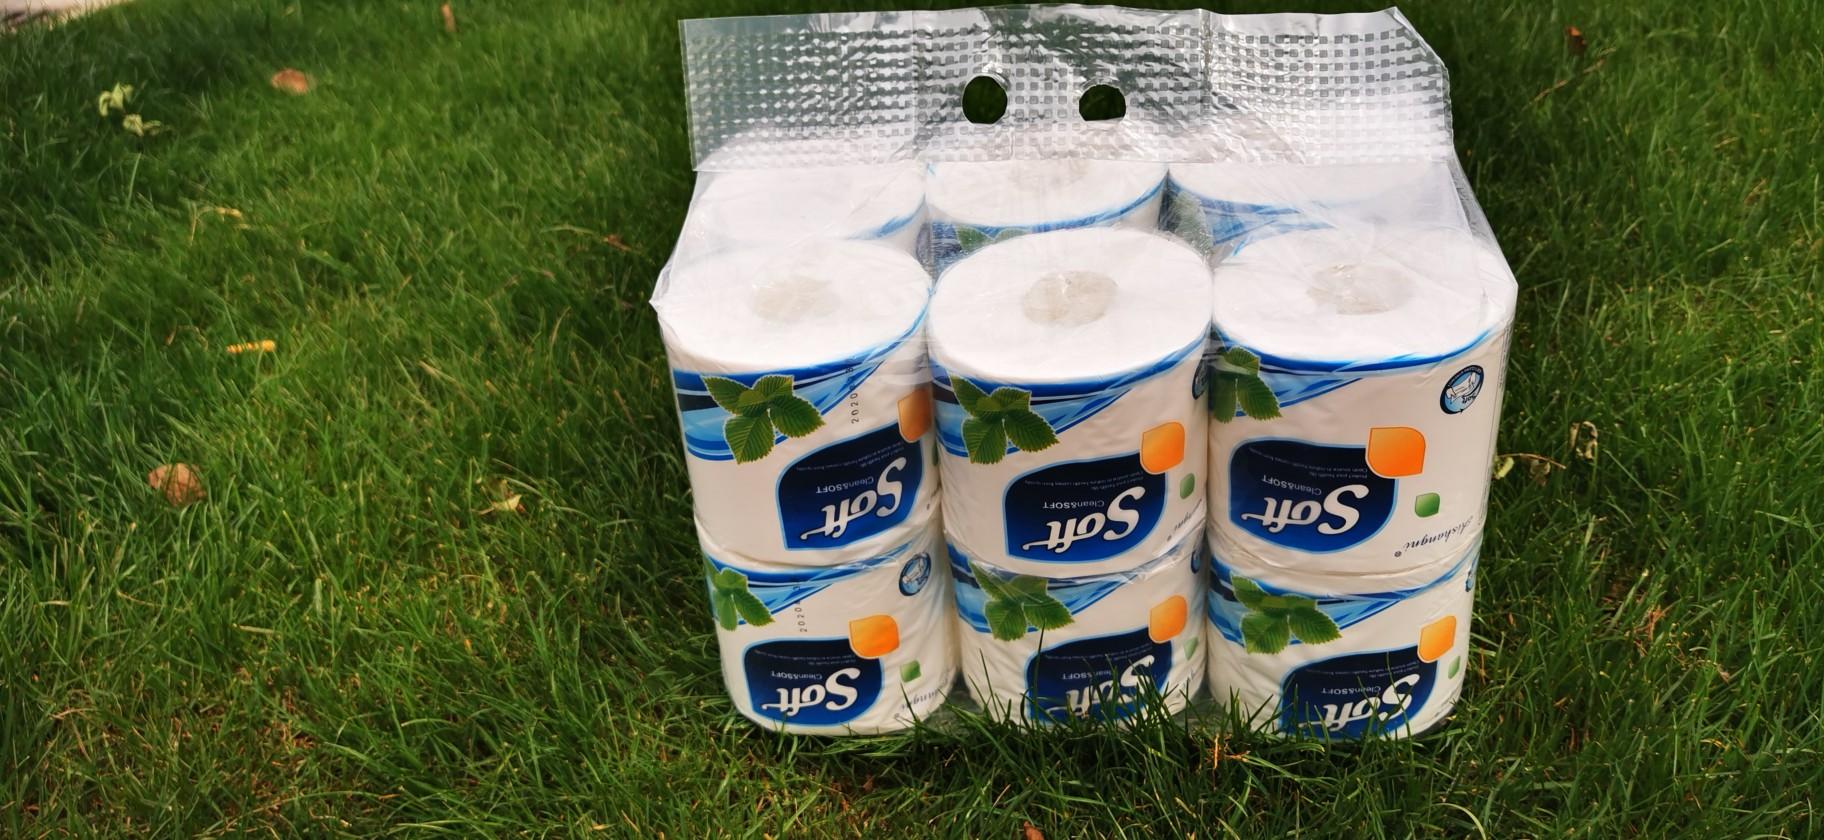 厂家直销4层纸巾卷纸卷筒纸柔顺厕纸纸巾餐巾纸